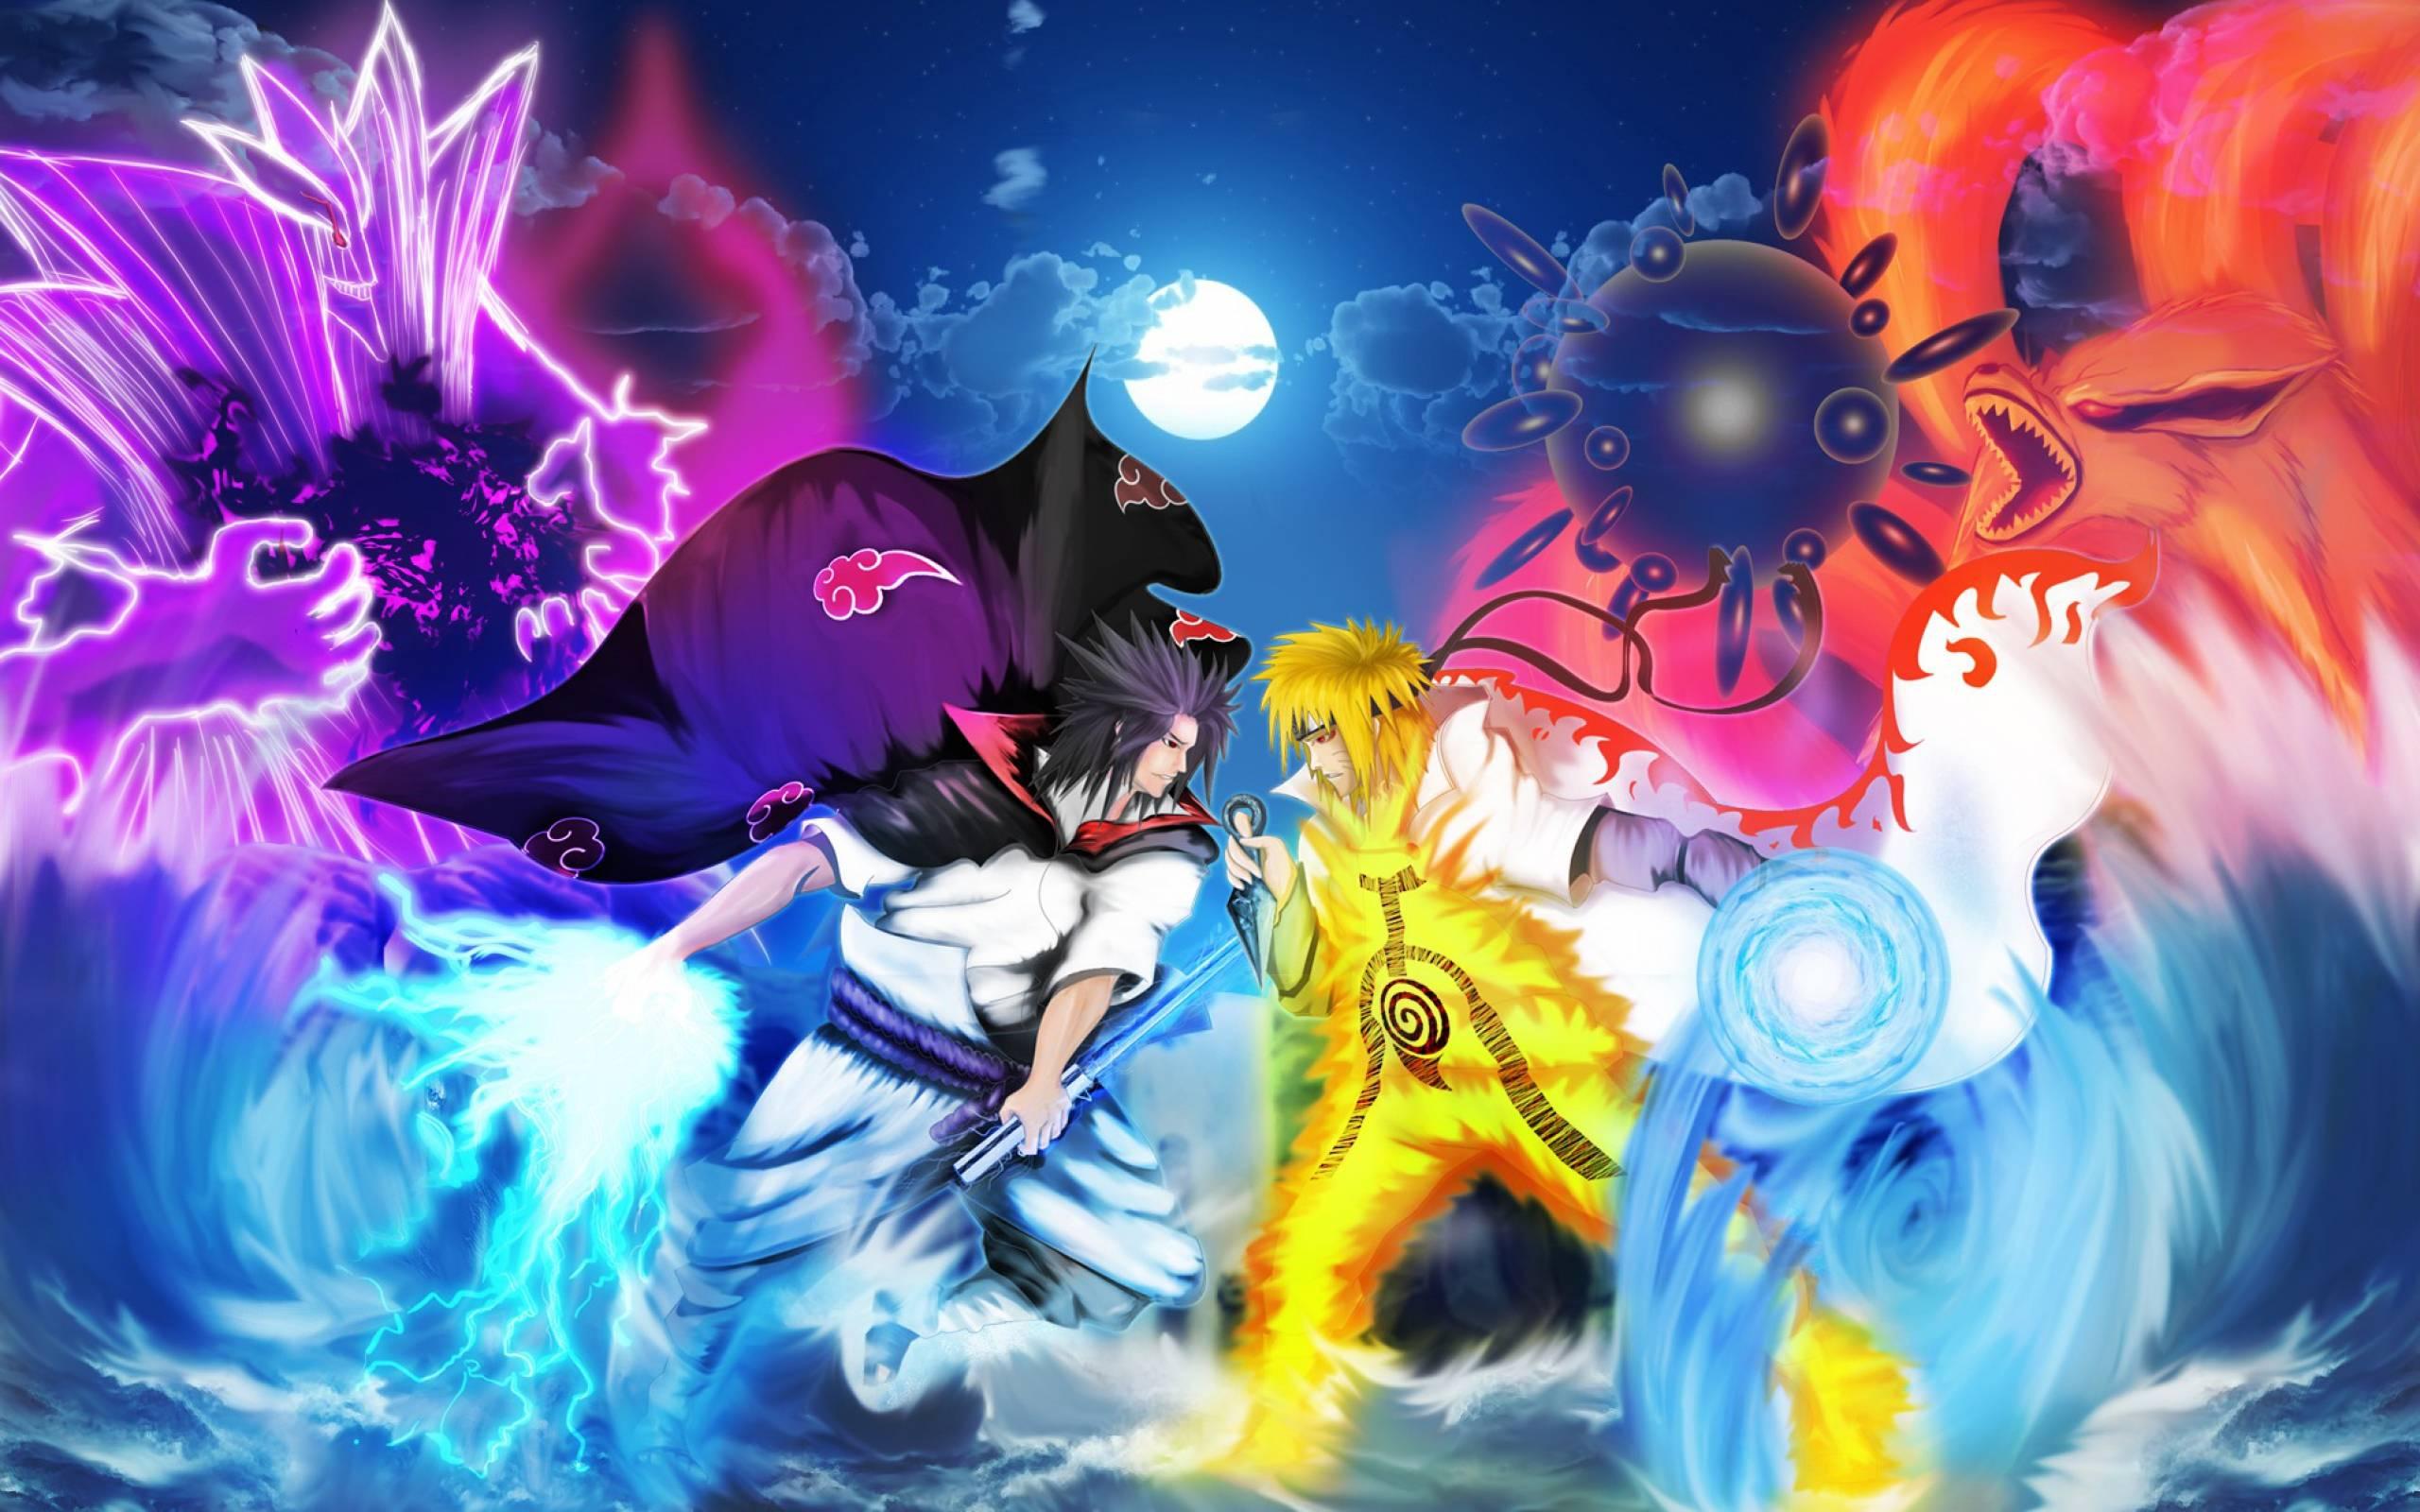 Live wallpaper #1: naruto vs sasuke (2560x1080 21:9) [wallpaper.